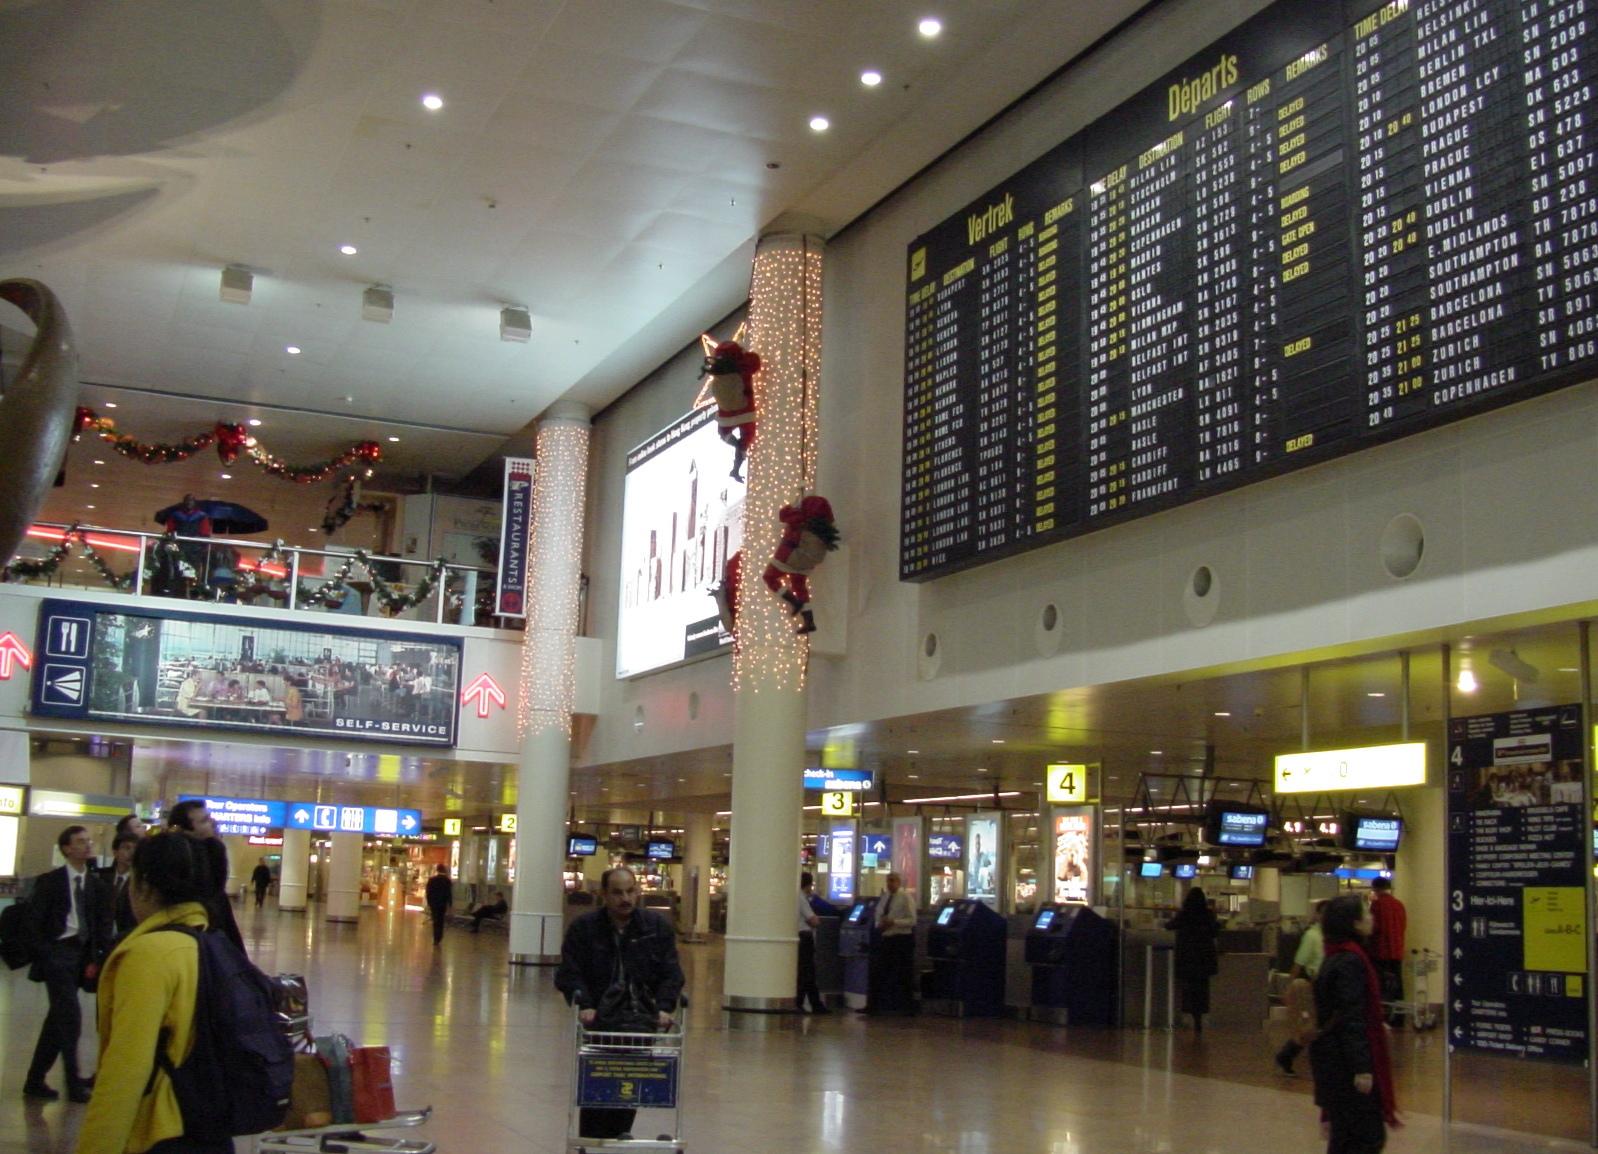 В аэропорту Брюсселя отменили более 120 рейсов из-за забастовки грузчиков